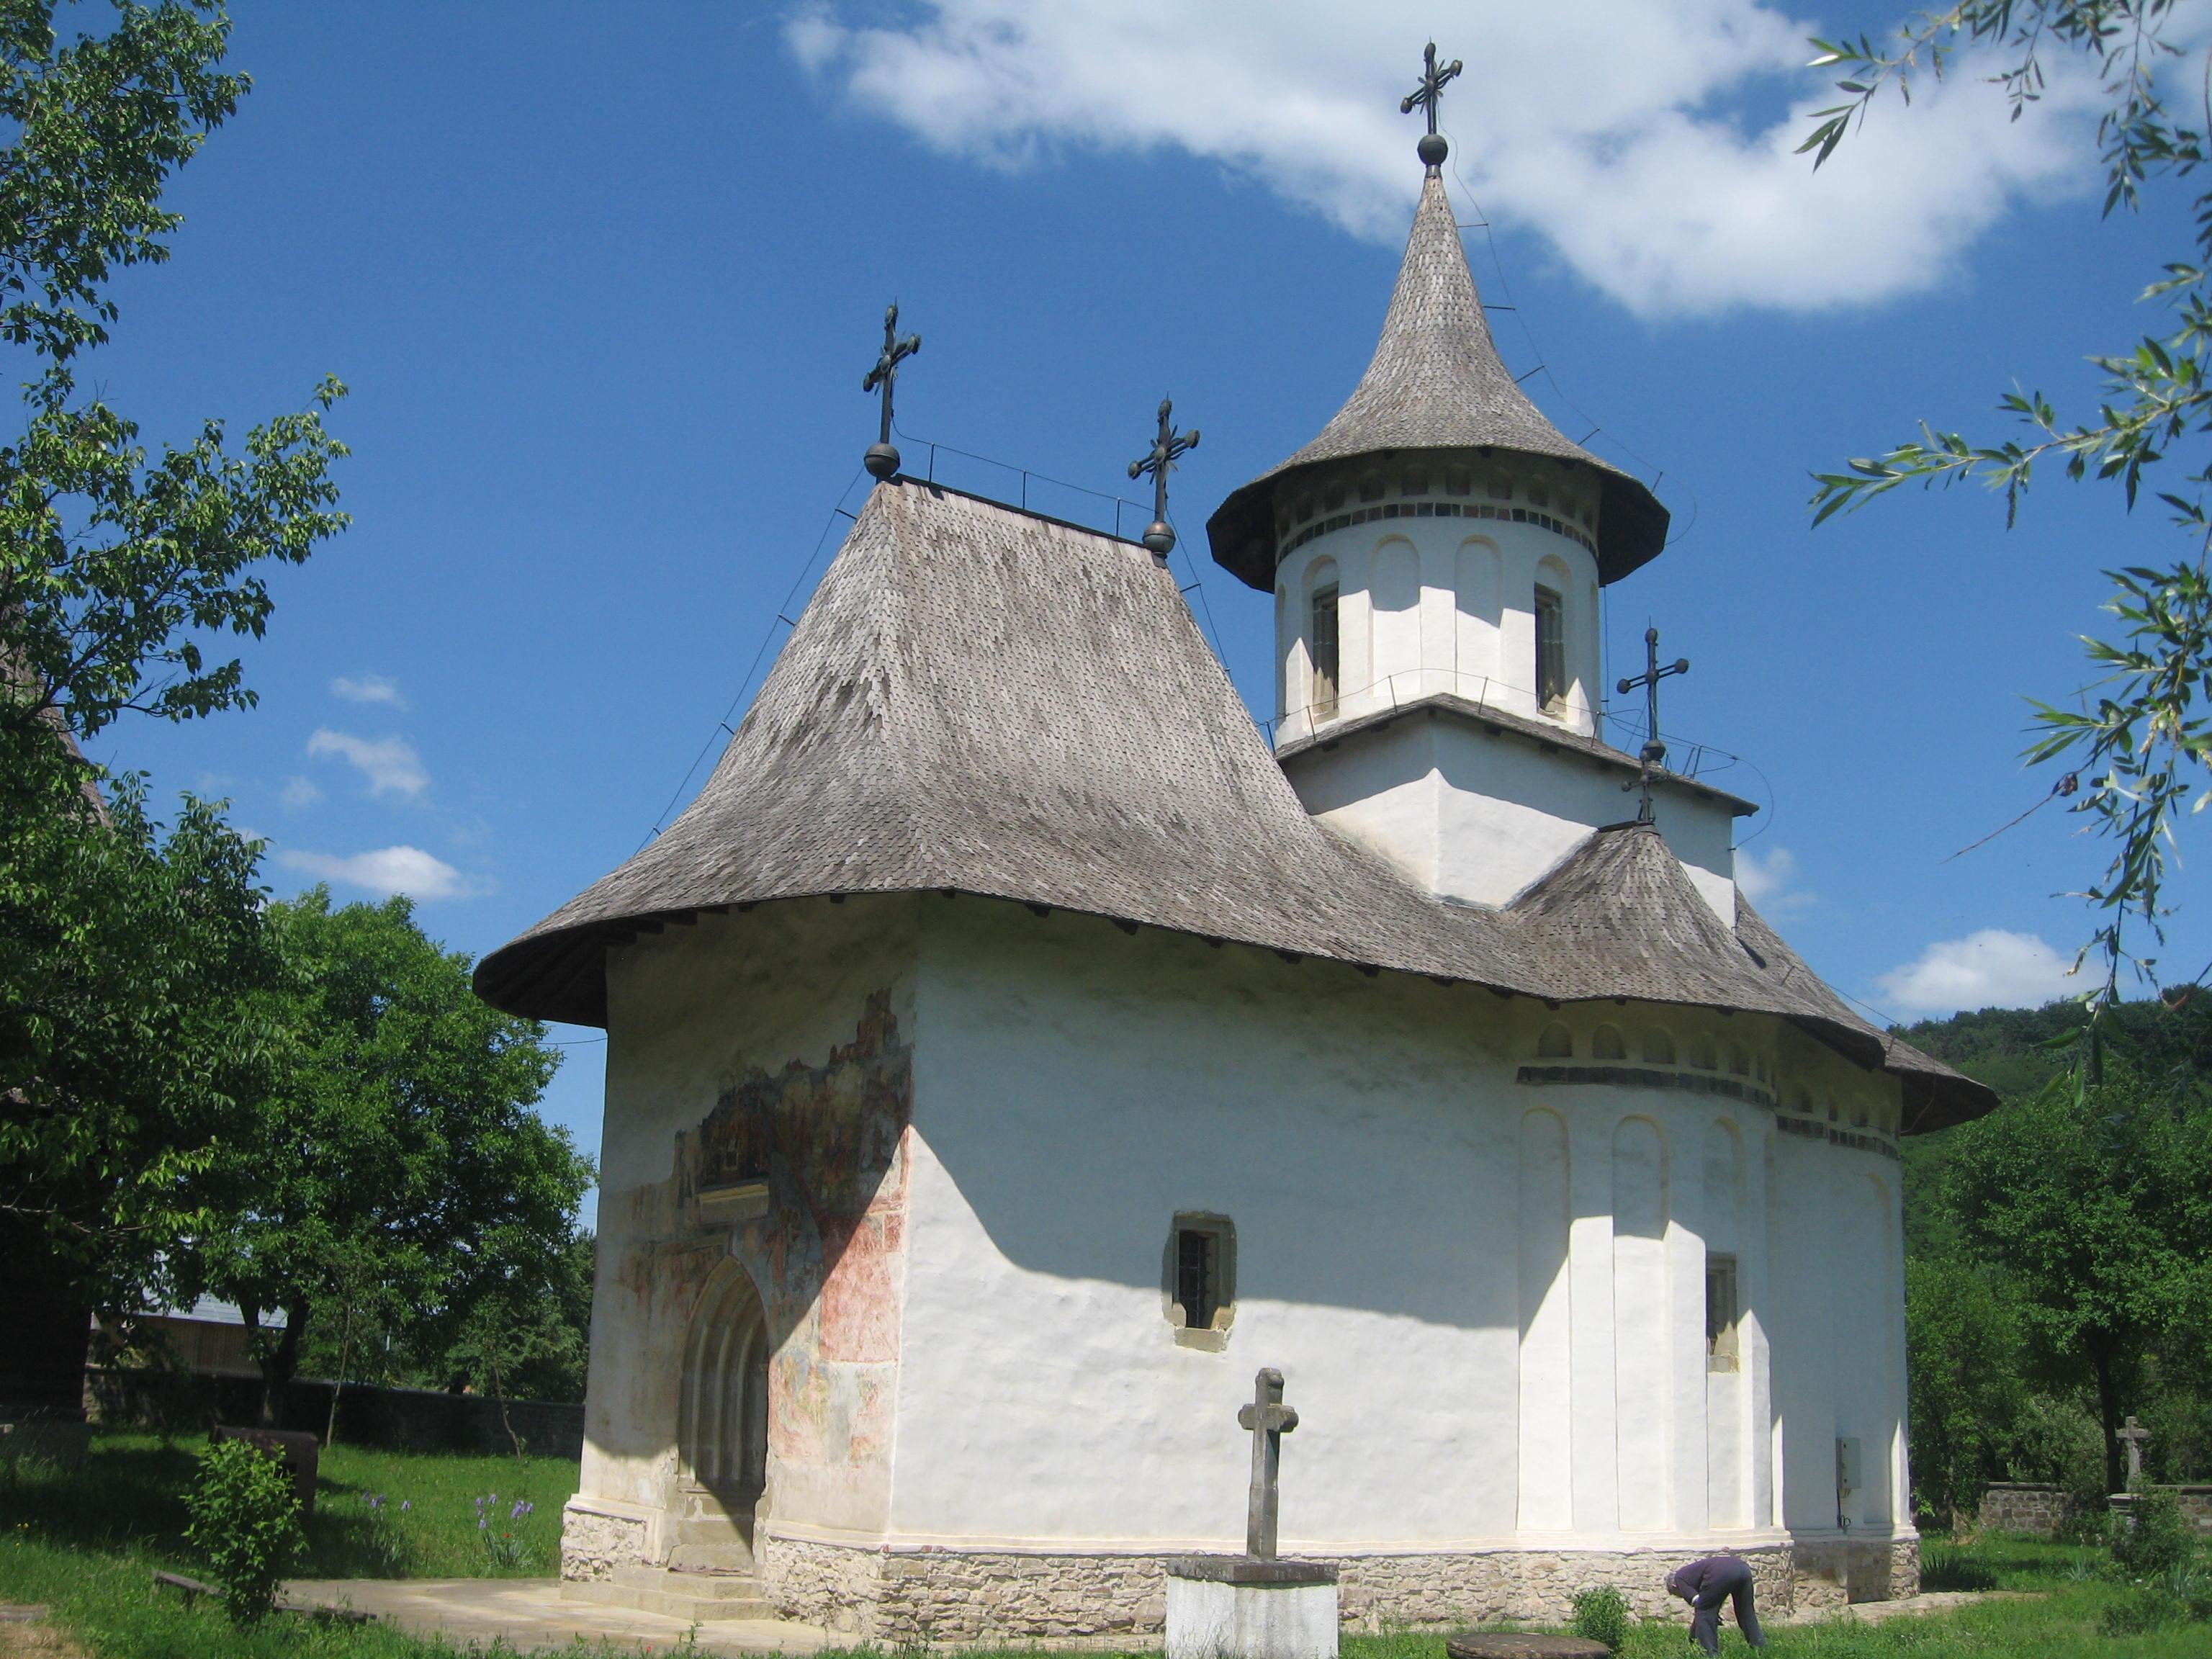 Condamnat după ce a bătut un om al bisericii care l-a rugat să nu mai bea lângă monumentul UNESCO